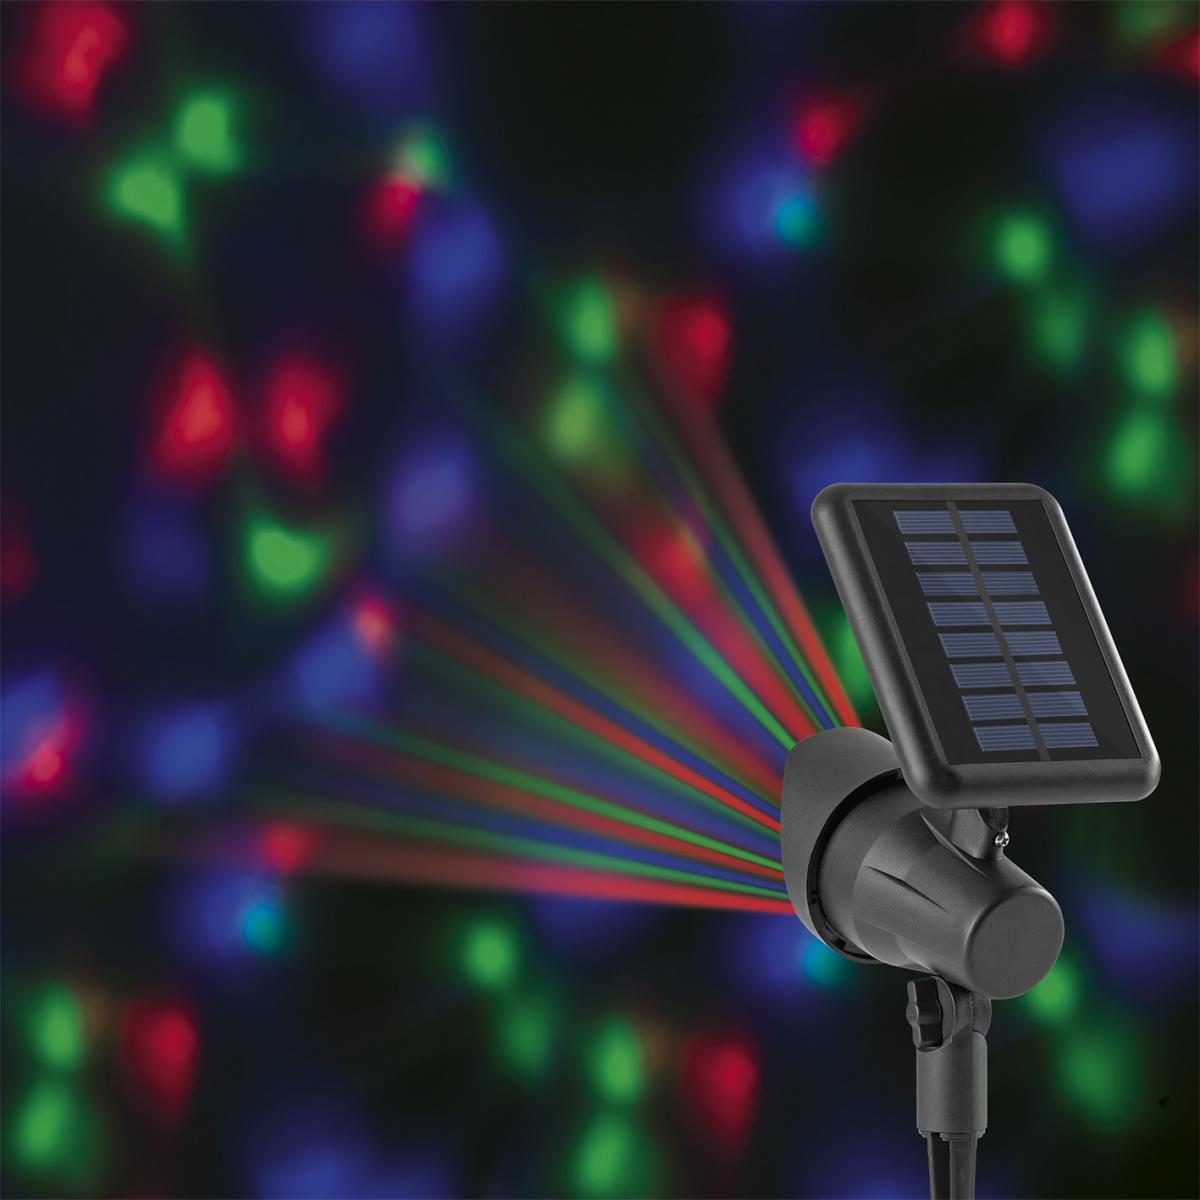 Bild 1 von EASYmaxx Solar-Partyleuchte Lichtpunkte 1,2V schwarz LED blau/grün/rot